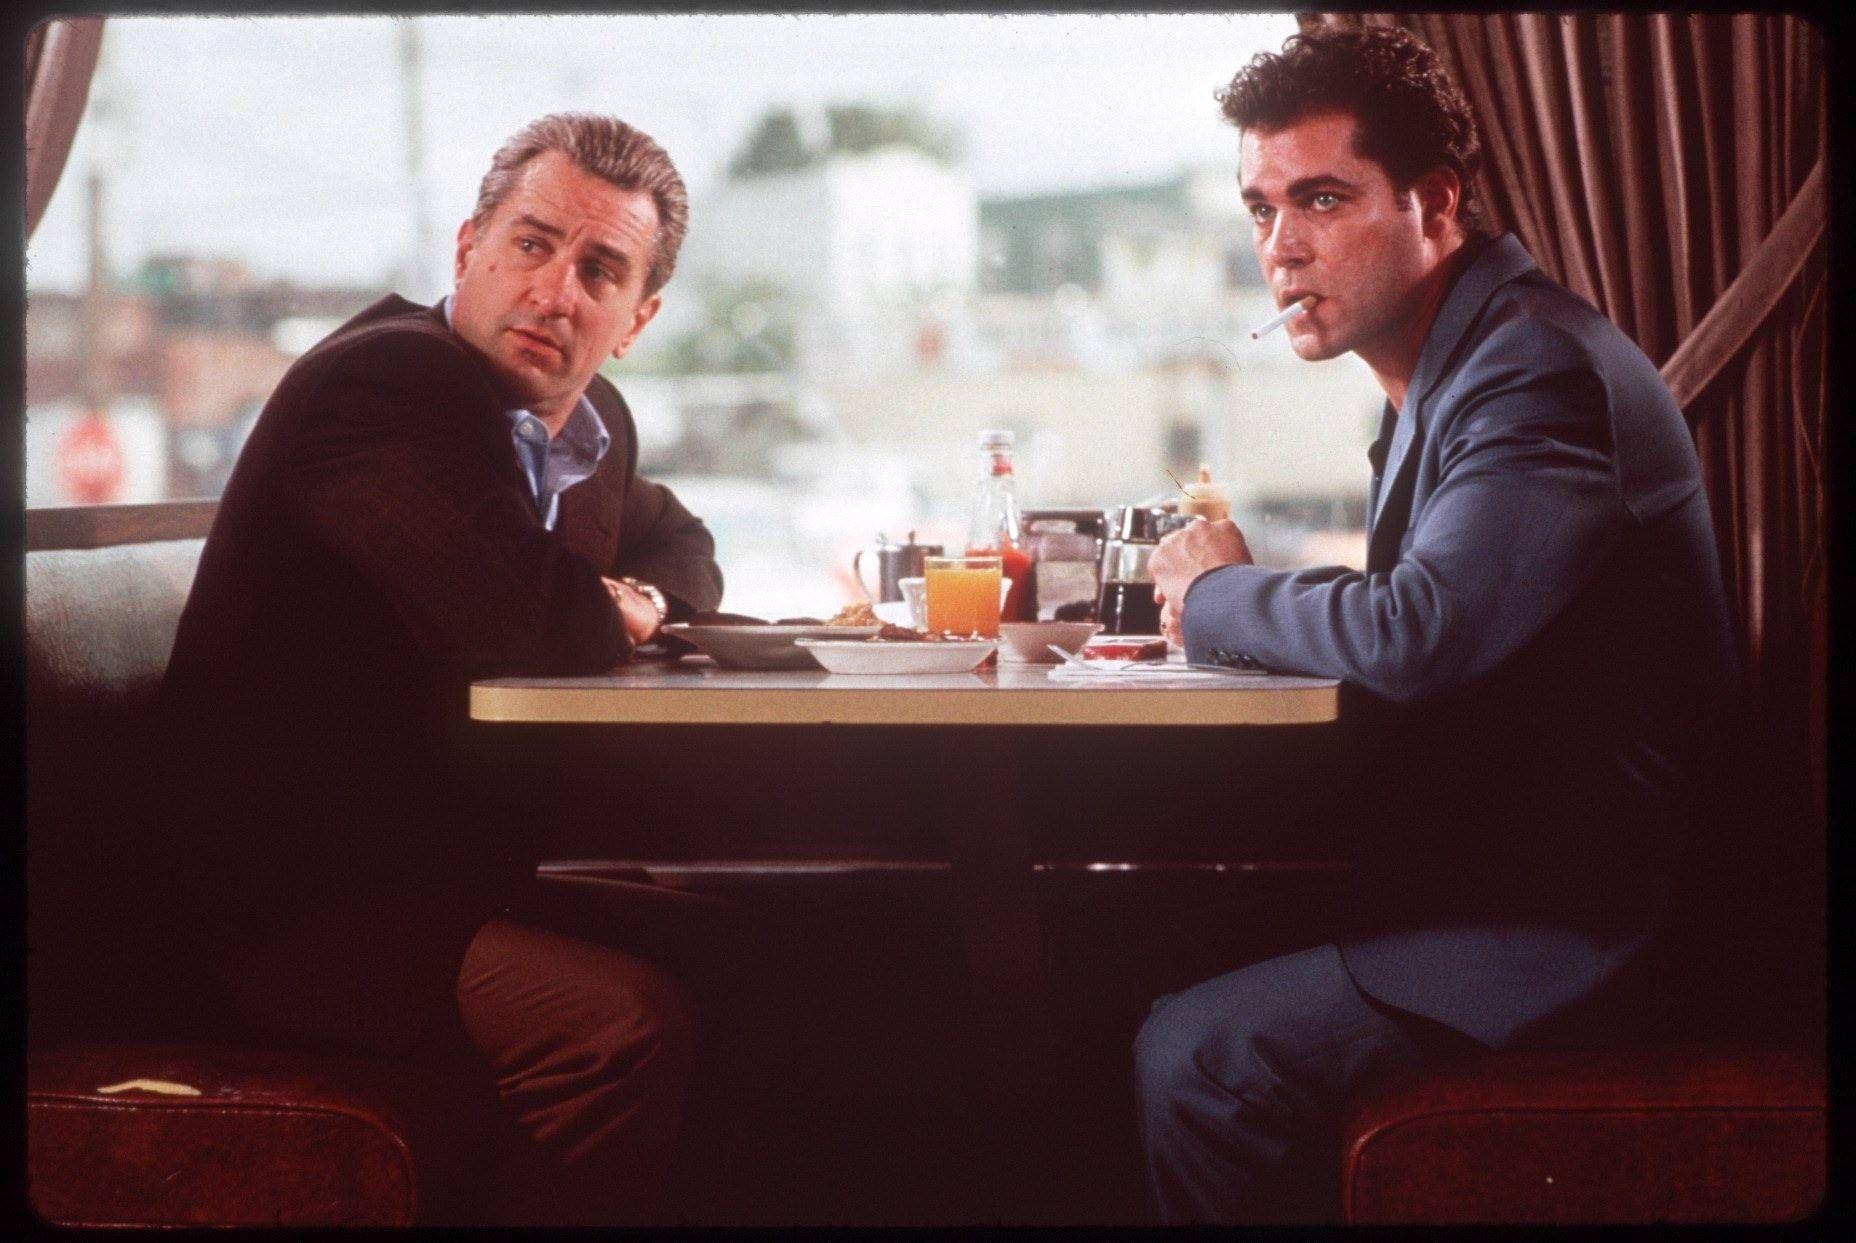 Jimmy Conway Robert De Niro Y Henry Hill Ray Liotta Uno De Los Nuestros Goodfellas Unodelosnuestros Goodfellas Theg Peliculas Cine Robert De Niro Cine